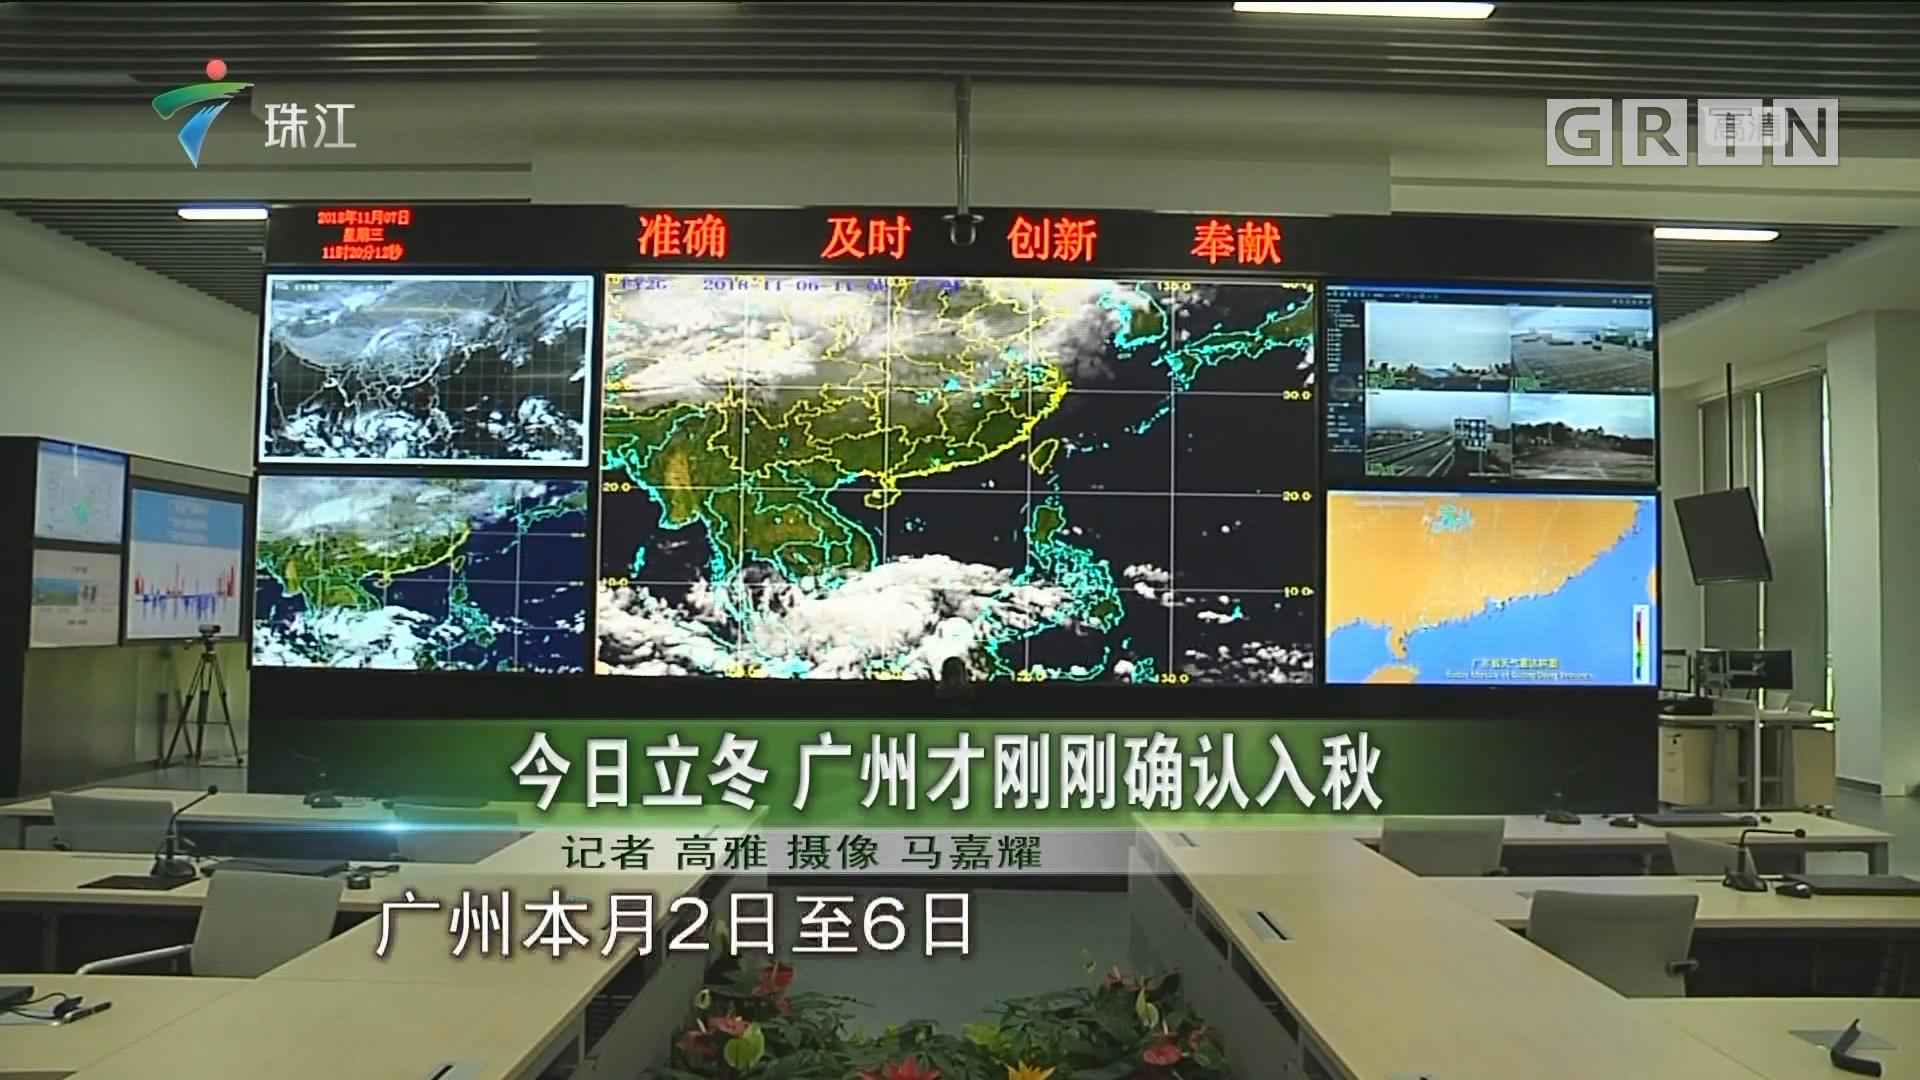 今日立冬 广州才刚刚确认入秋